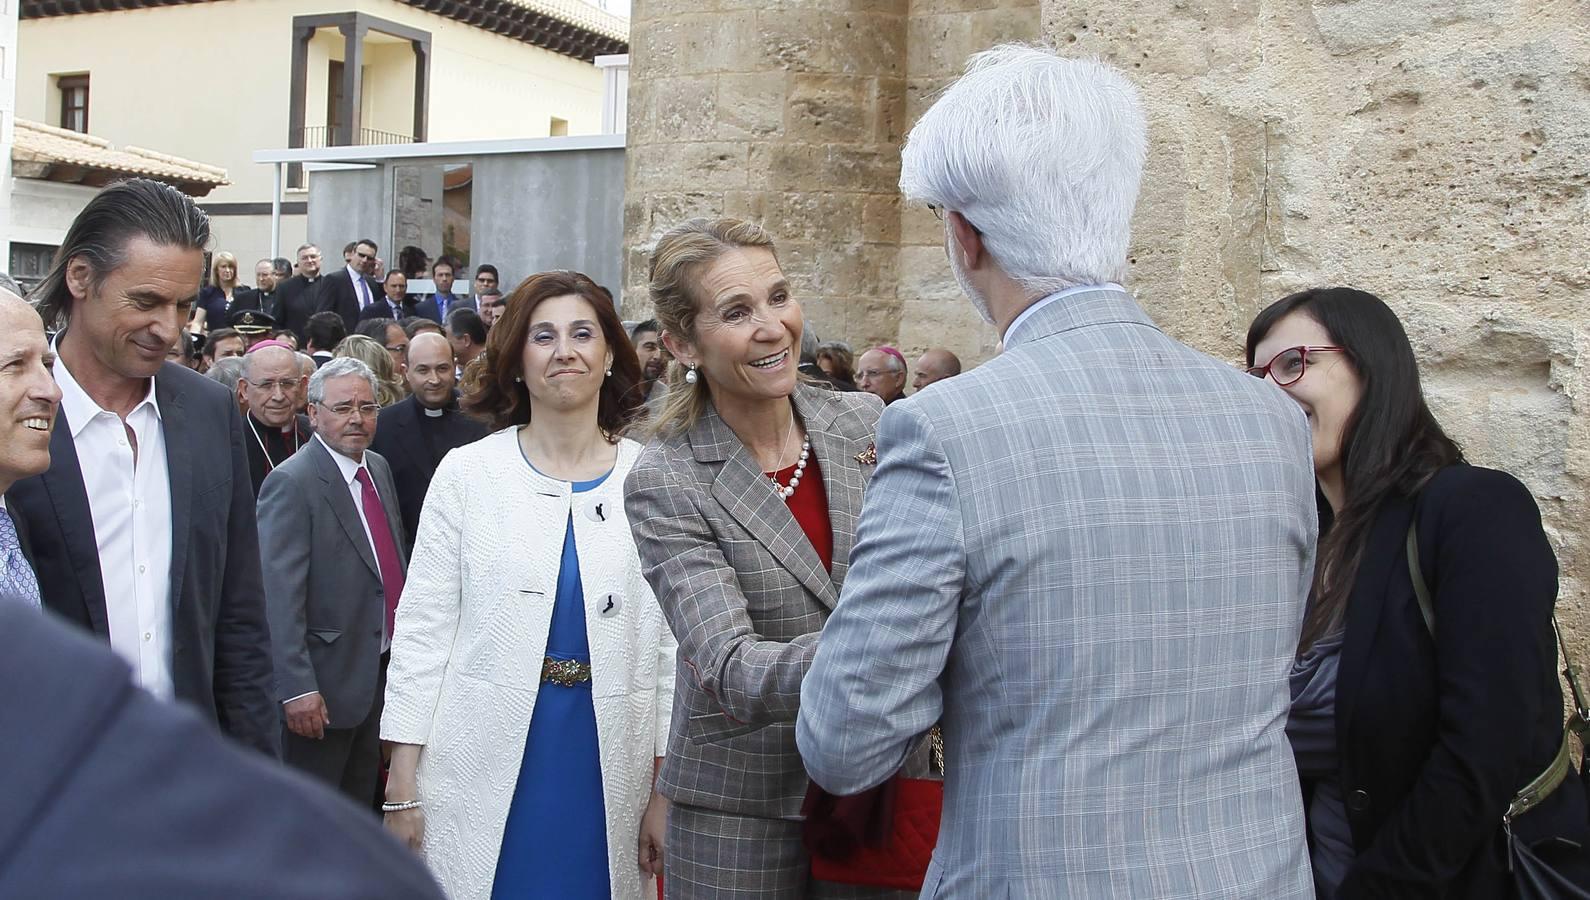 Inauguración de la exposición 'Eucharistia' de Las Edades del Hombre, en Aranda de Duero. Burgos (3/3)